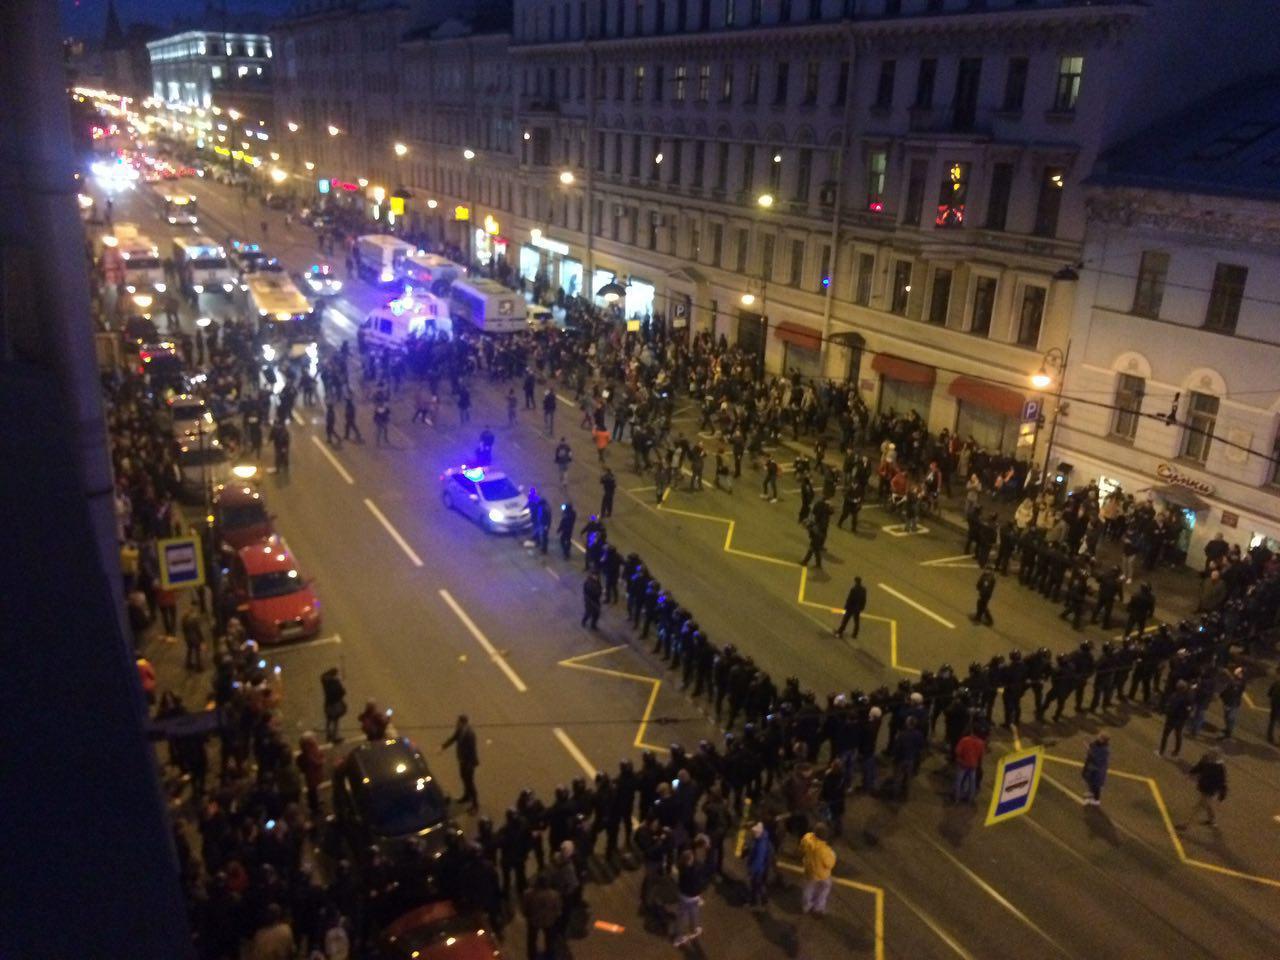 Во время акции в Петербурге скорая опоздала к умирающей пациентке, возбуждено уголовное дело